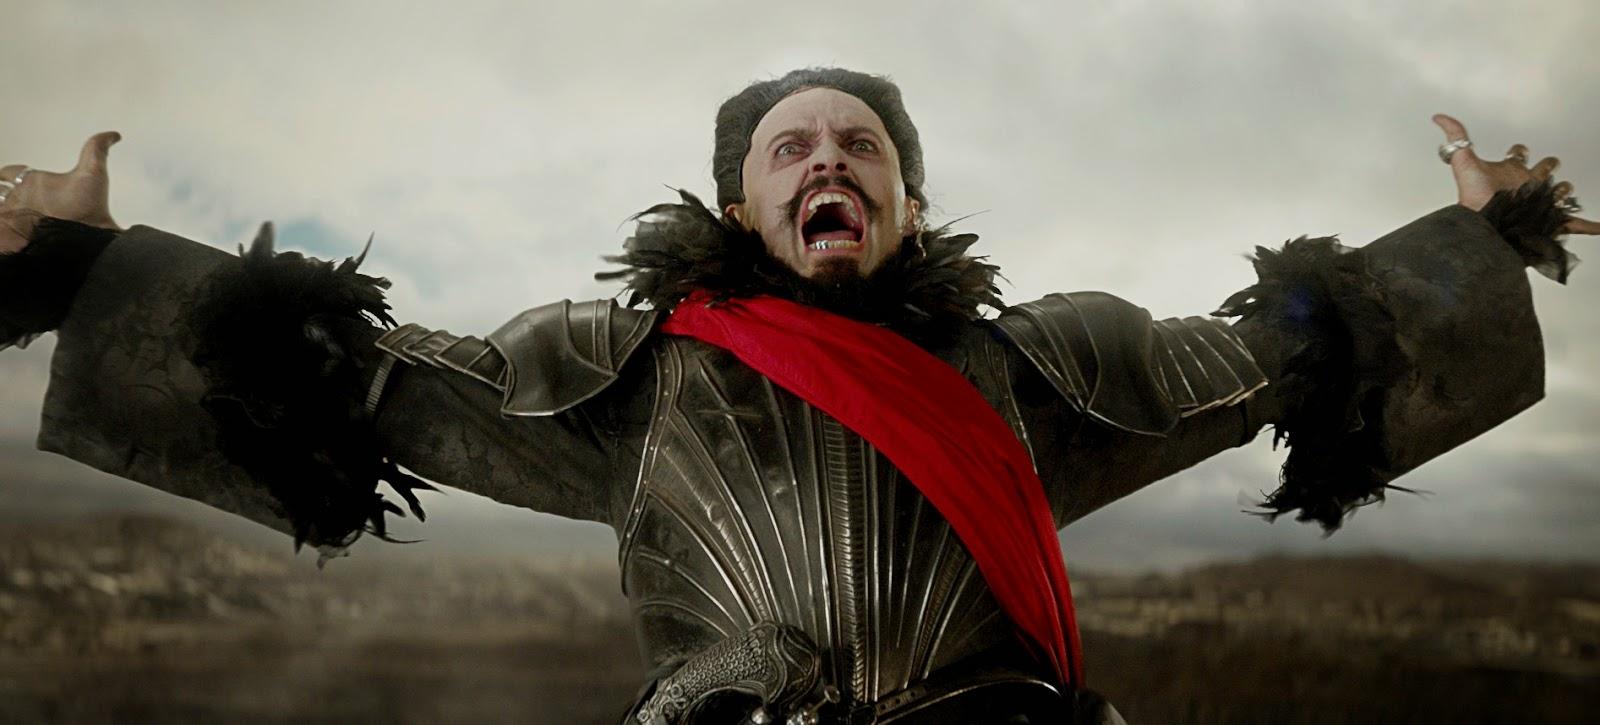 Hugh Jackman voa em navios piratas no primeiro trailer legendado de PAN